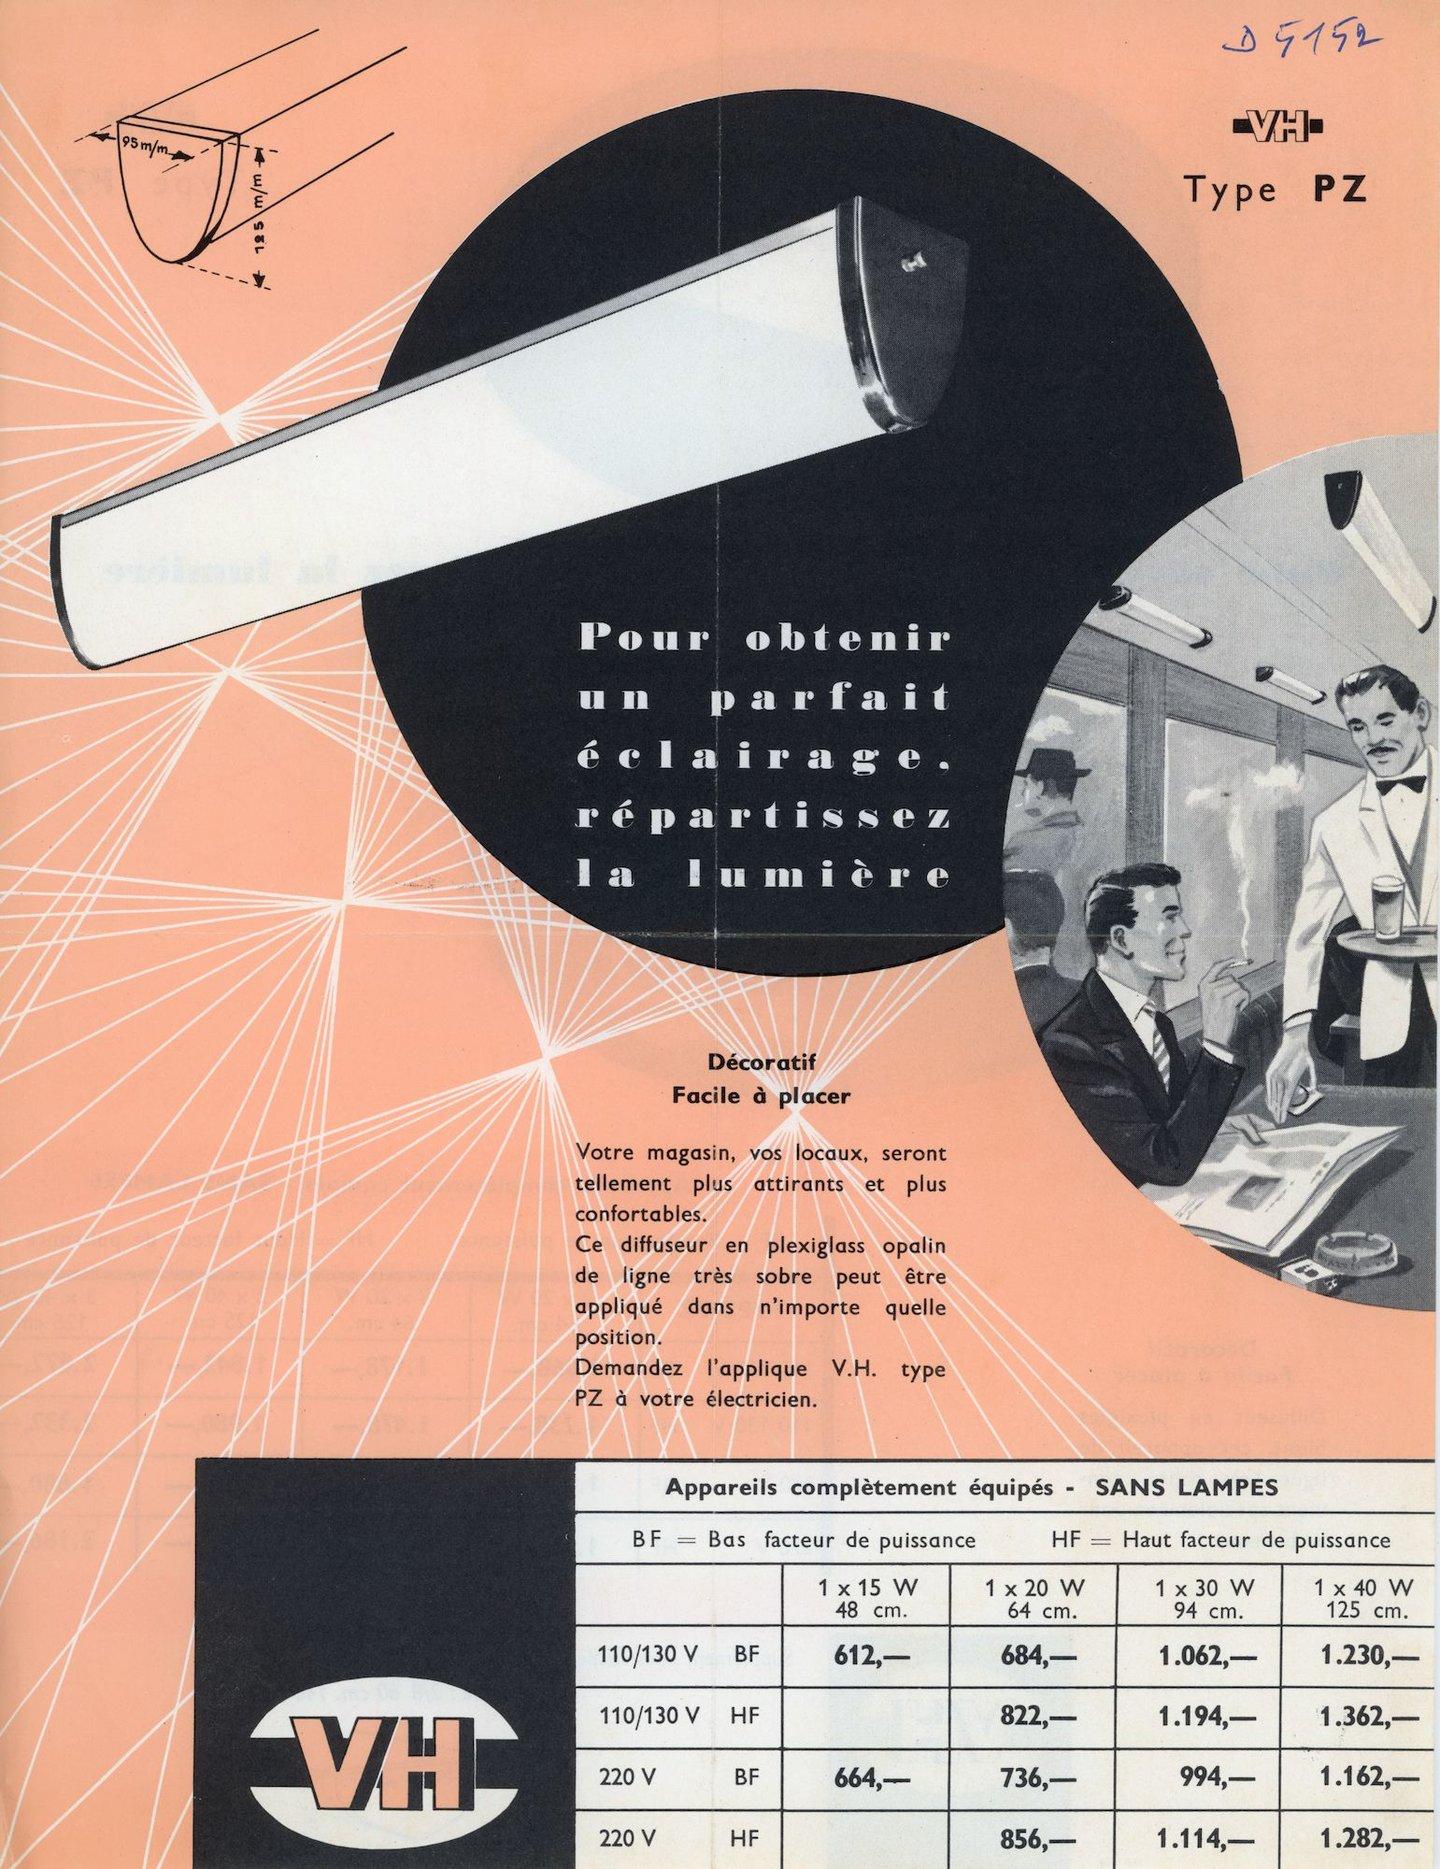 Pour obtenir un parfait éclairage répartissez la lumière VH, type PZ